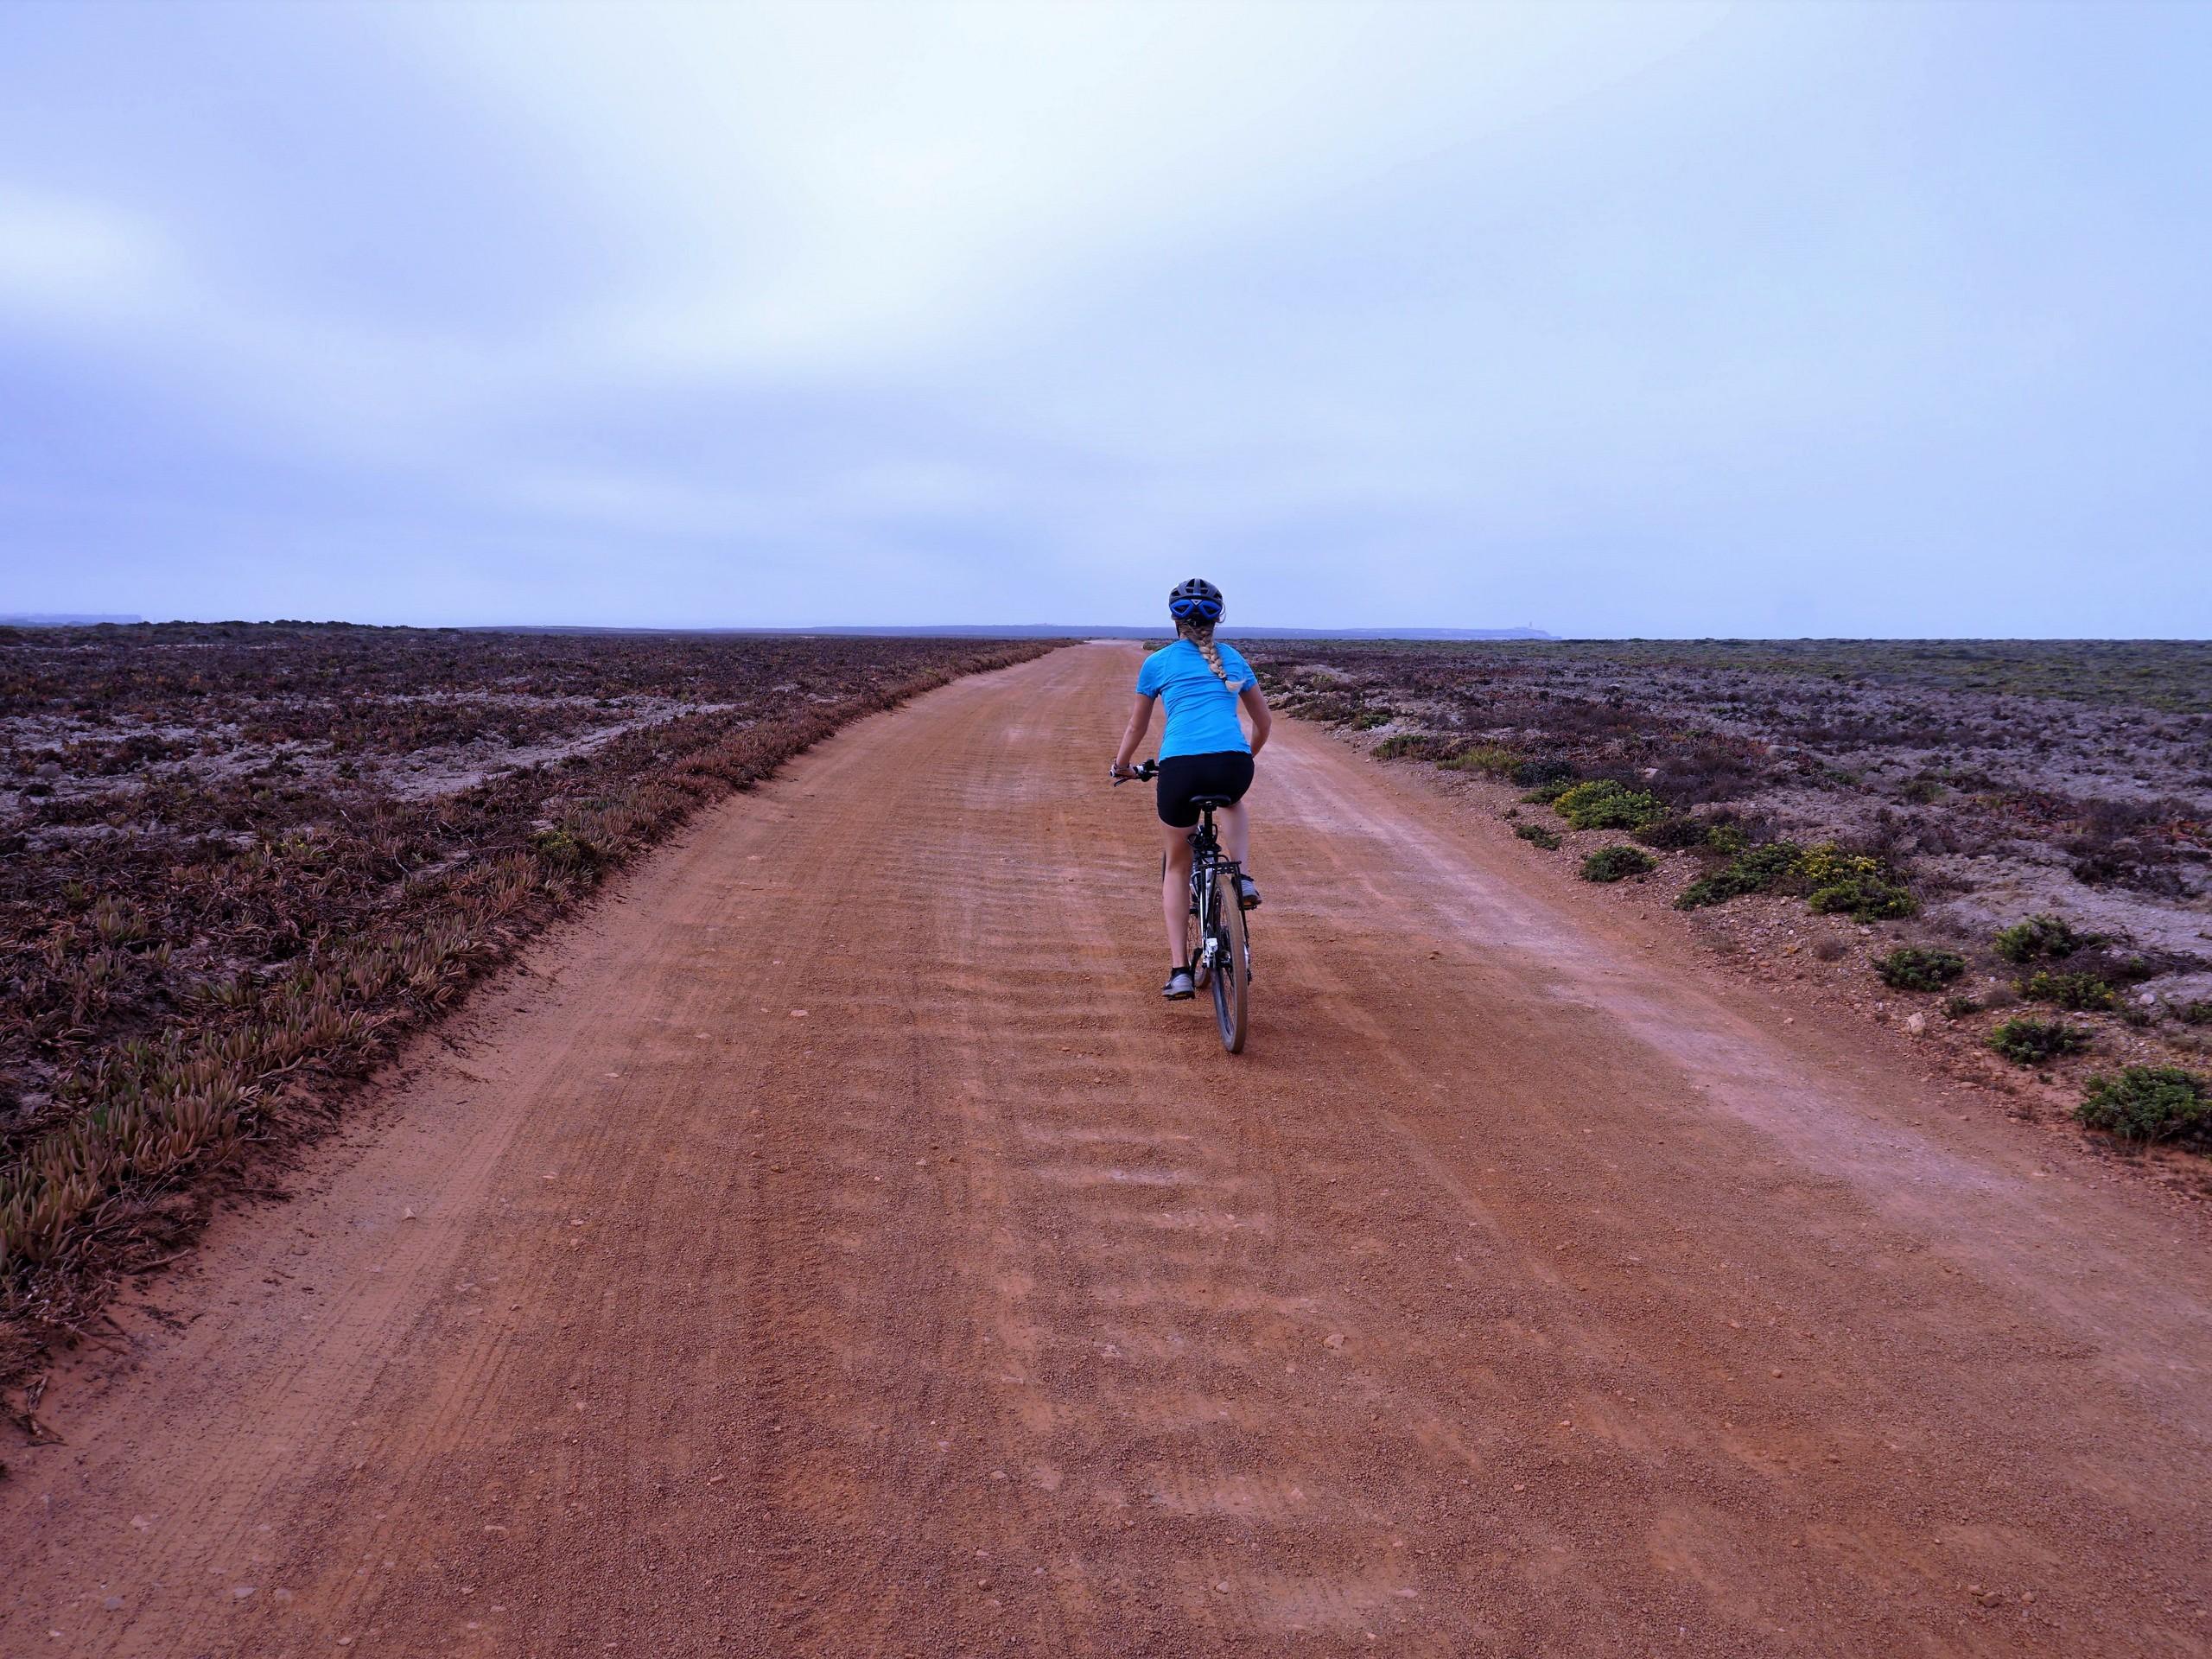 Biker riding on the gravel roads near Algarve